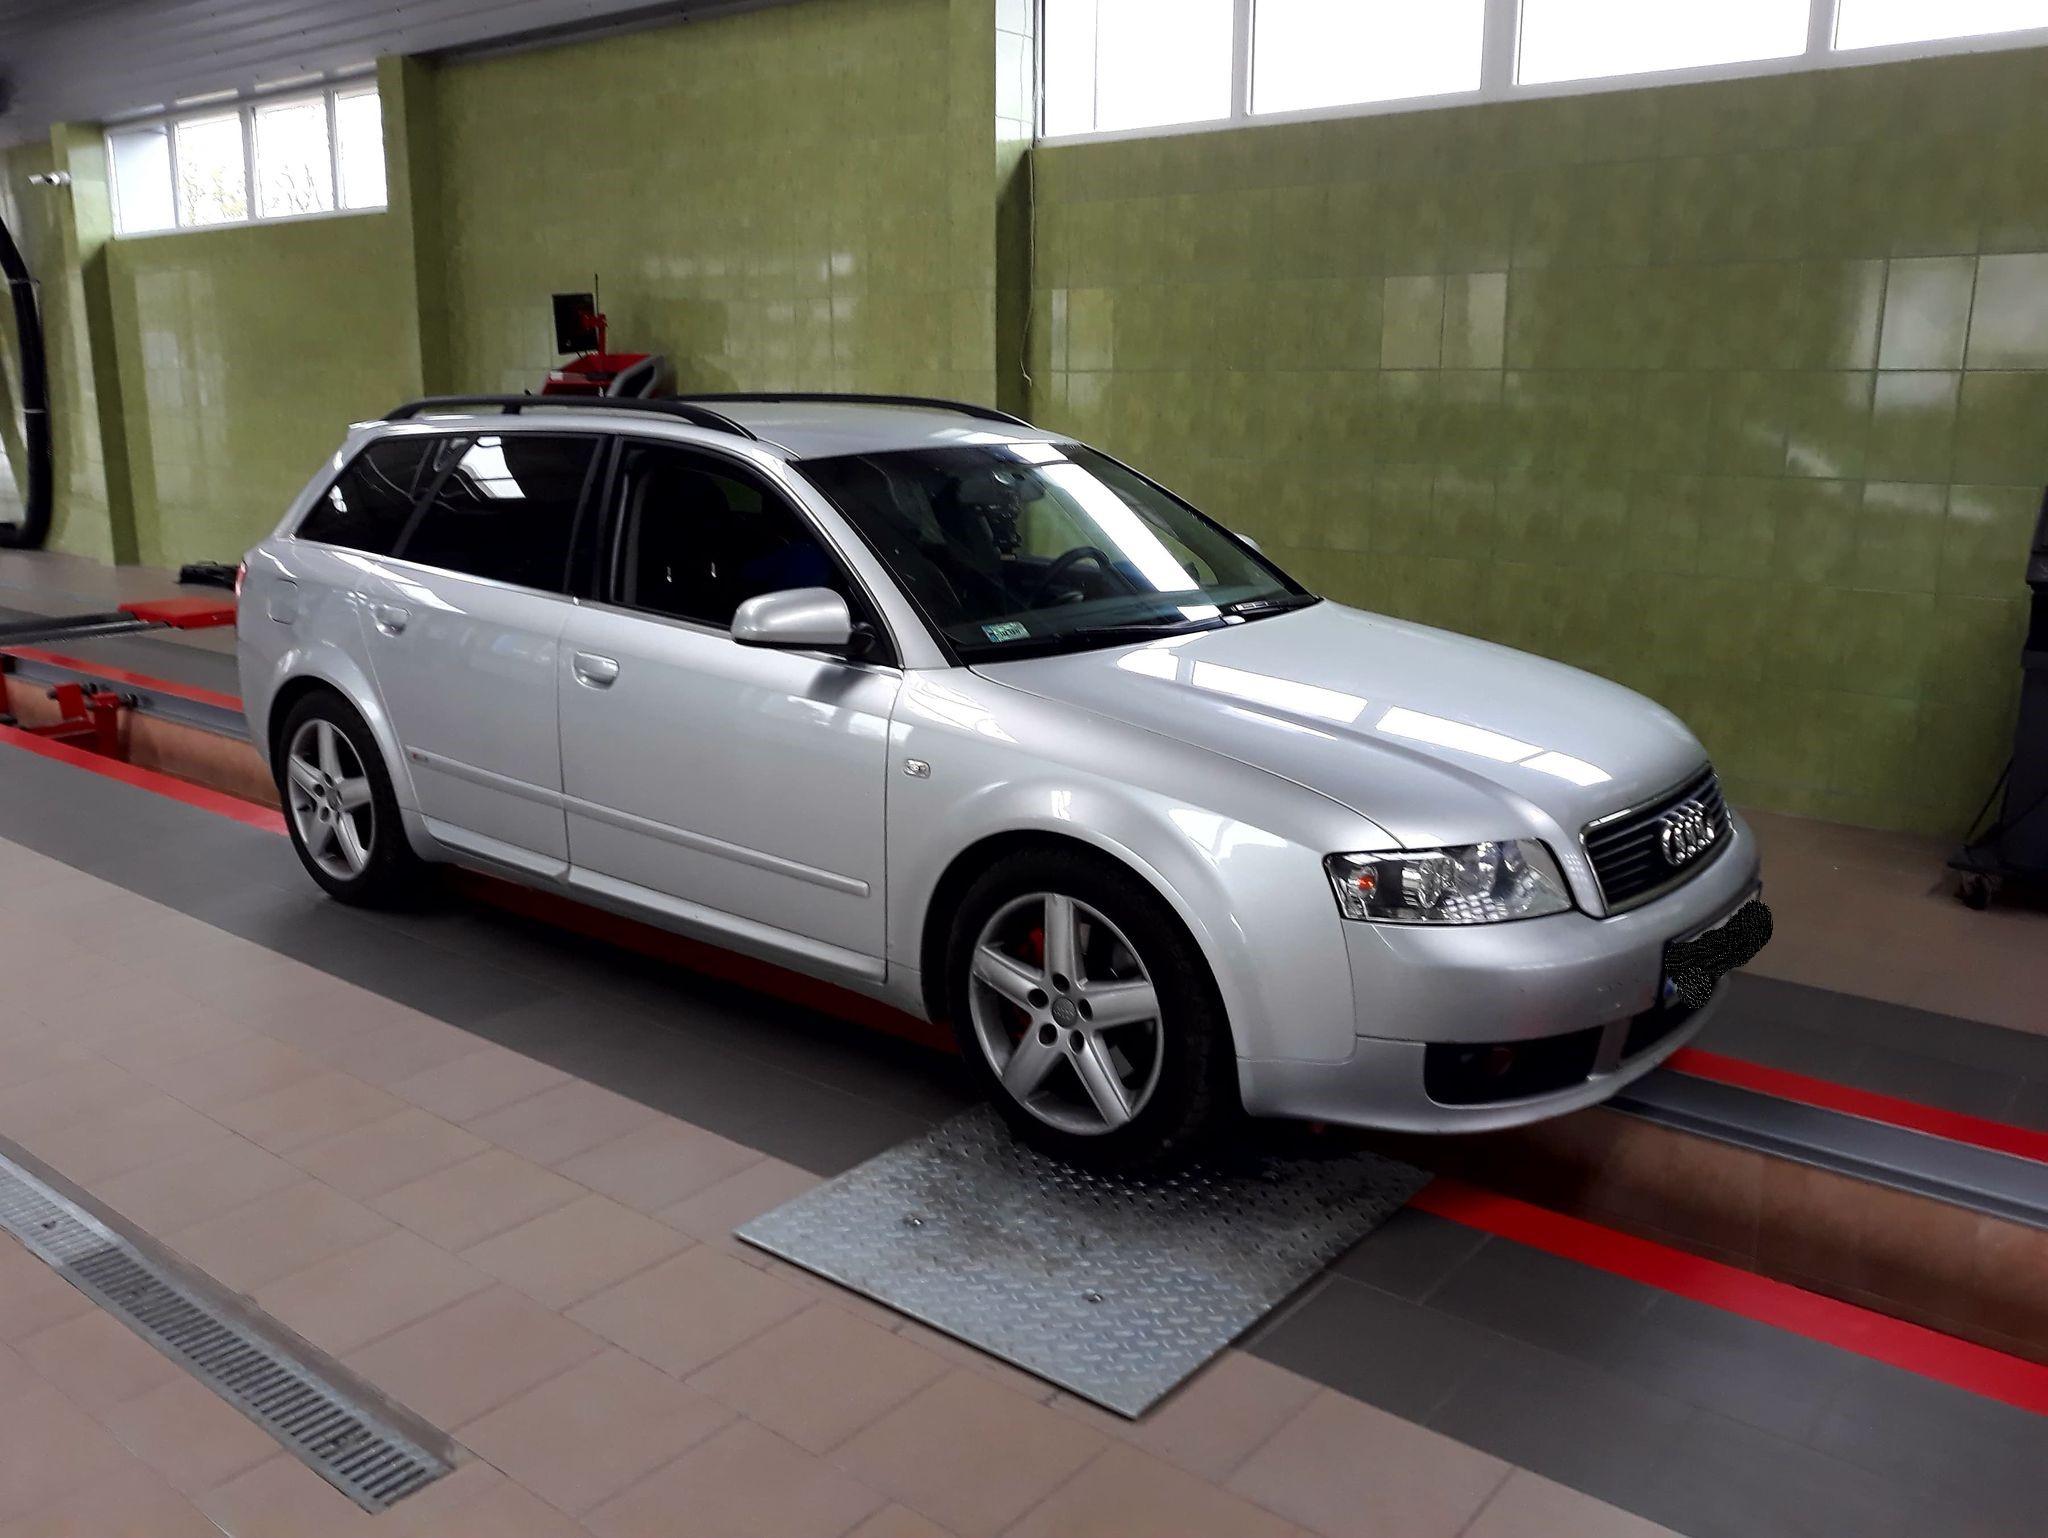 Freemoto - Audi a4 b6 kombi S-Line 130KM, 1,9TDI 2004R